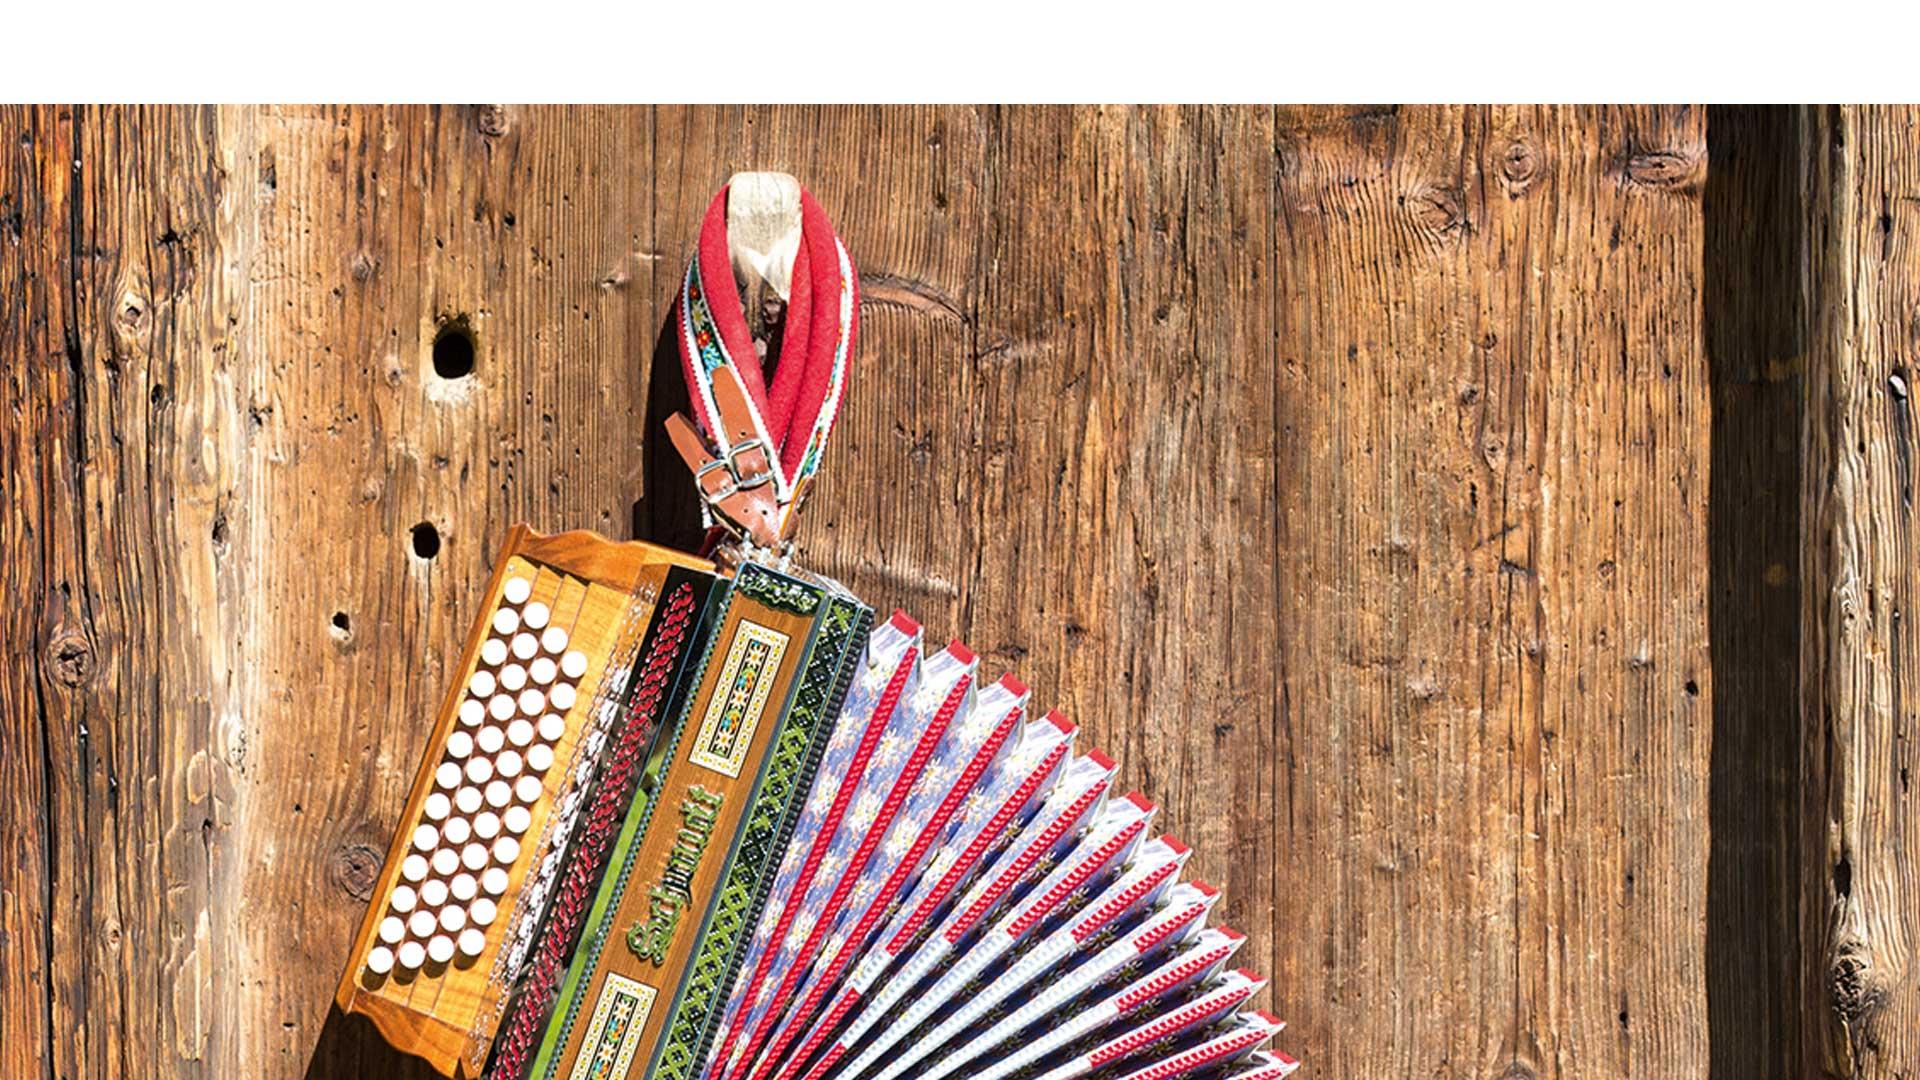 Herbst Angebot beim Kauf einer neuen steirischen Harmonika nutzen